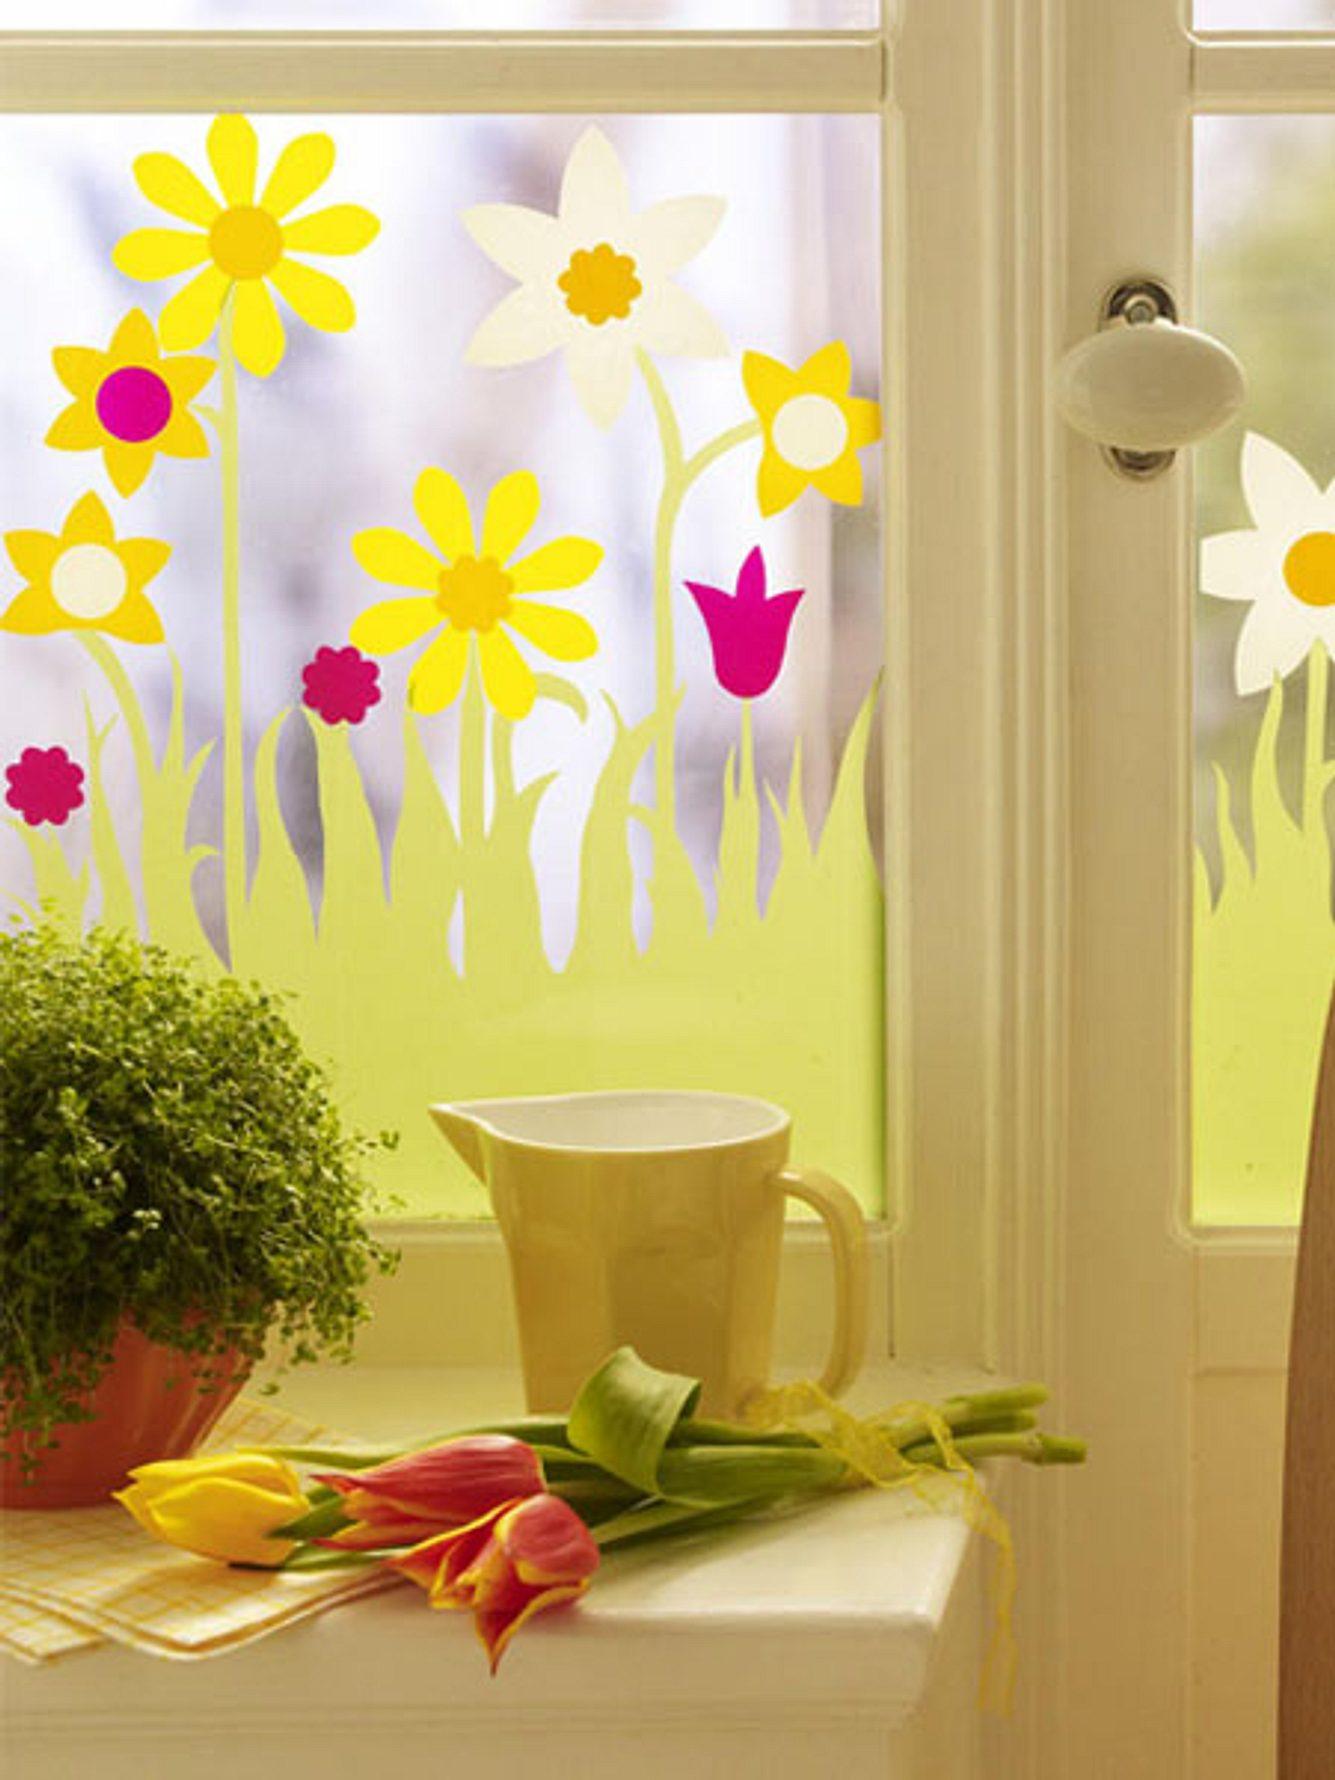 Fensterdeko zu Ostern selber machen: Kreative Bastel-Ideen für dein Fenster